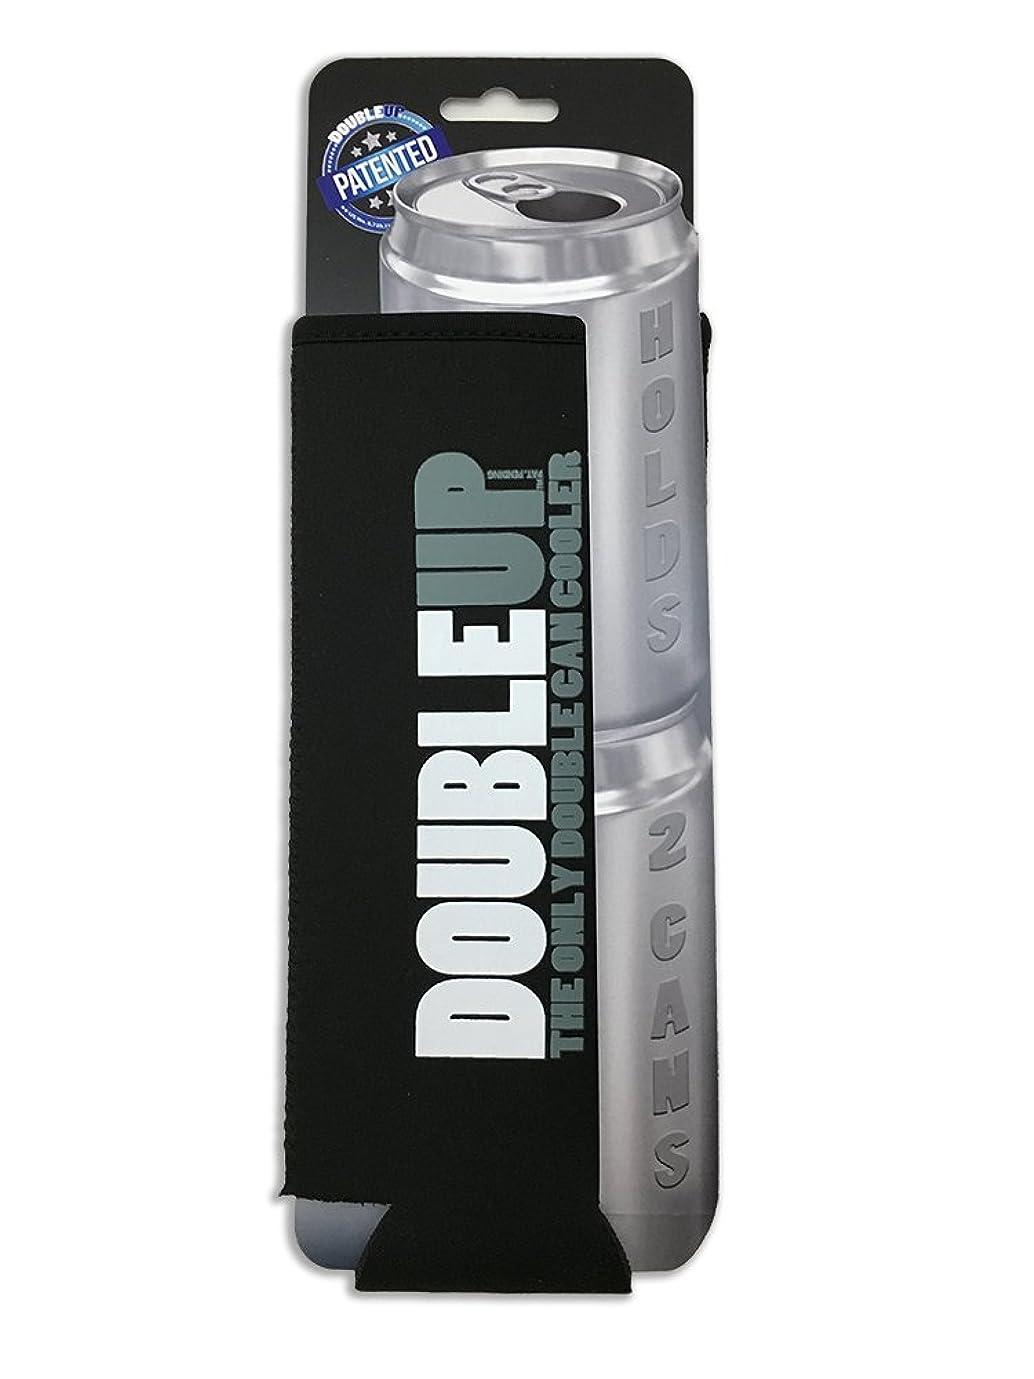 午後しなければならないホイストDouble Can Cooler ダブルカンクーラー